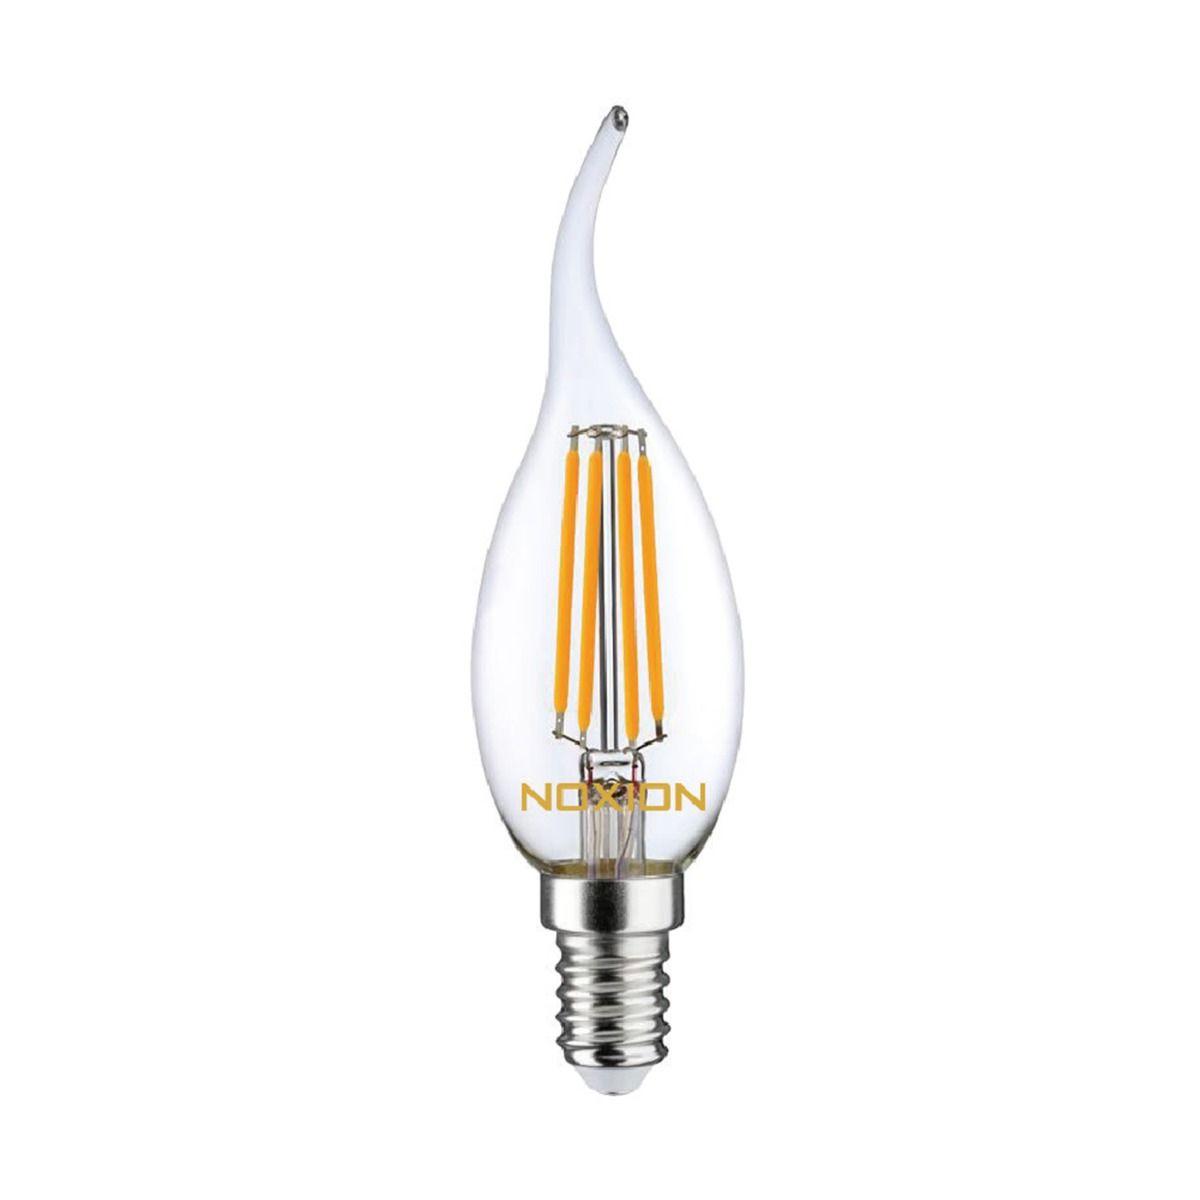 Noxion Lucent Filament LED Candle 4.5W 827 BA35 E14 Claire   Dimmable - Blanc Très Chaud - Substitut 40W